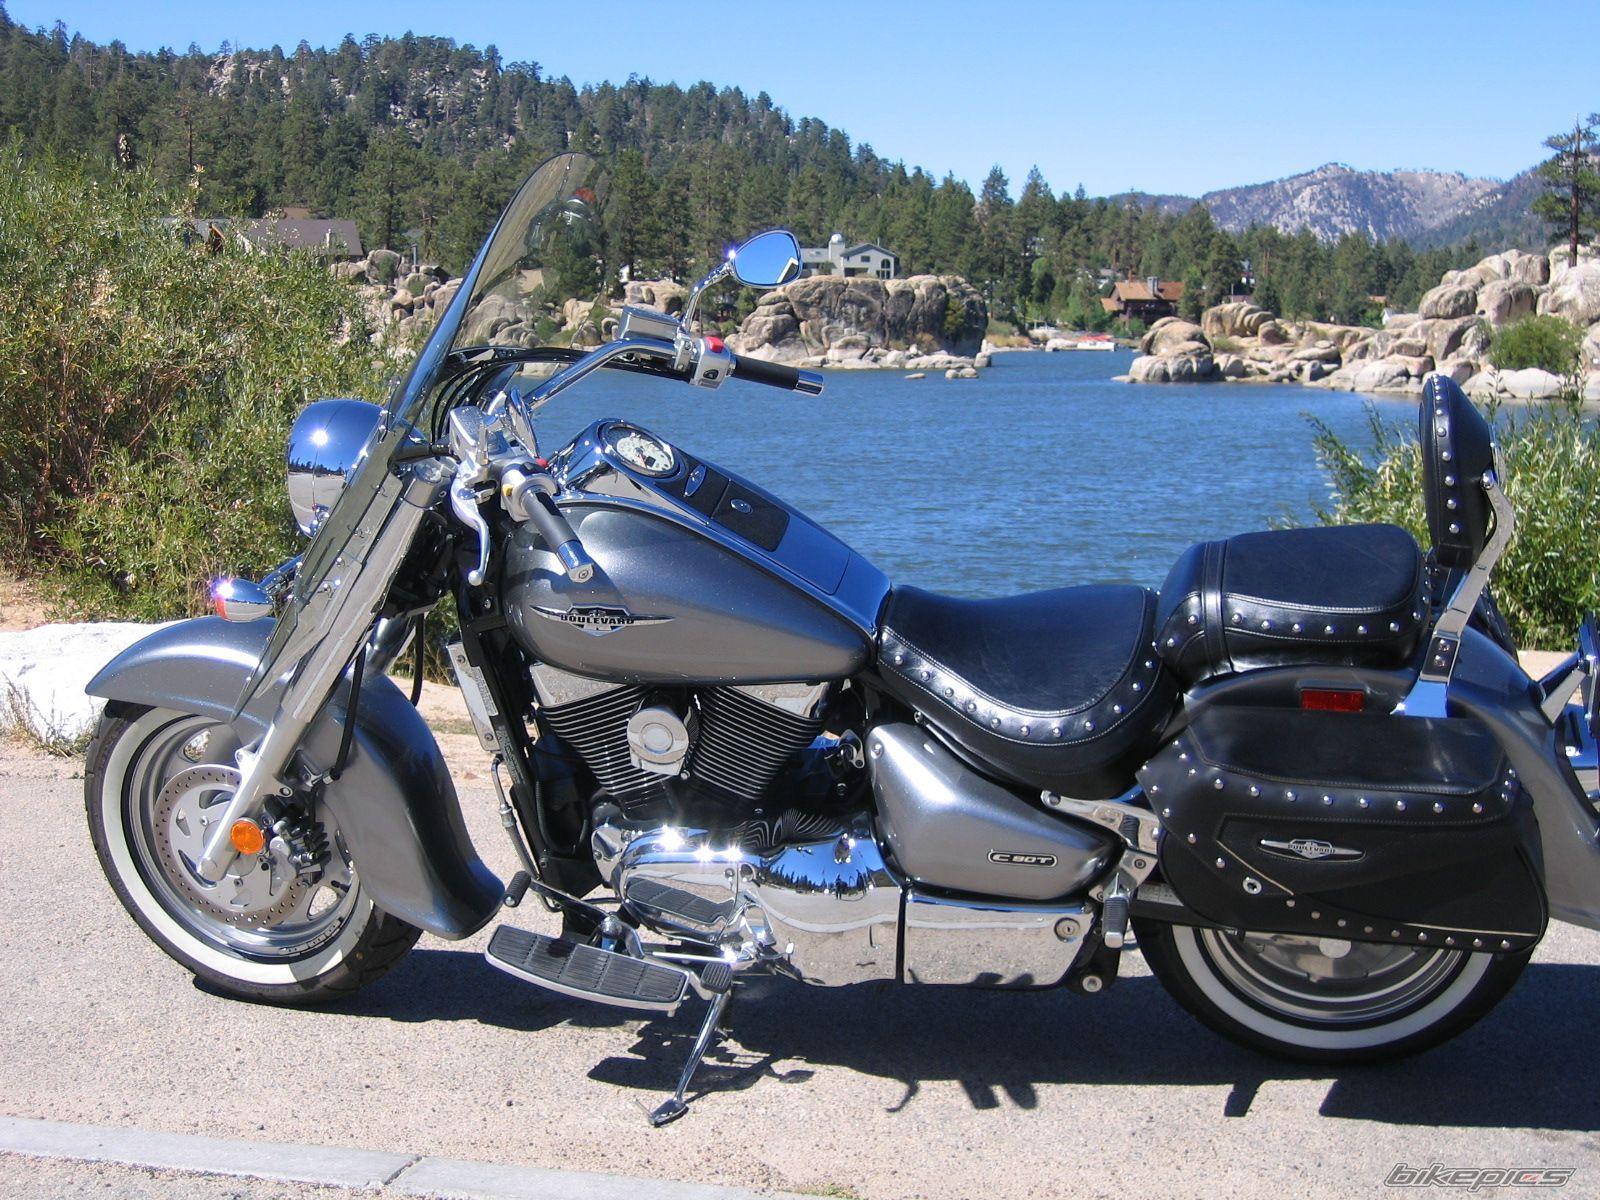 2007 Suzuki BOULEVARD C90 | MotorCycle Stuff of Interest | Pinterest ...